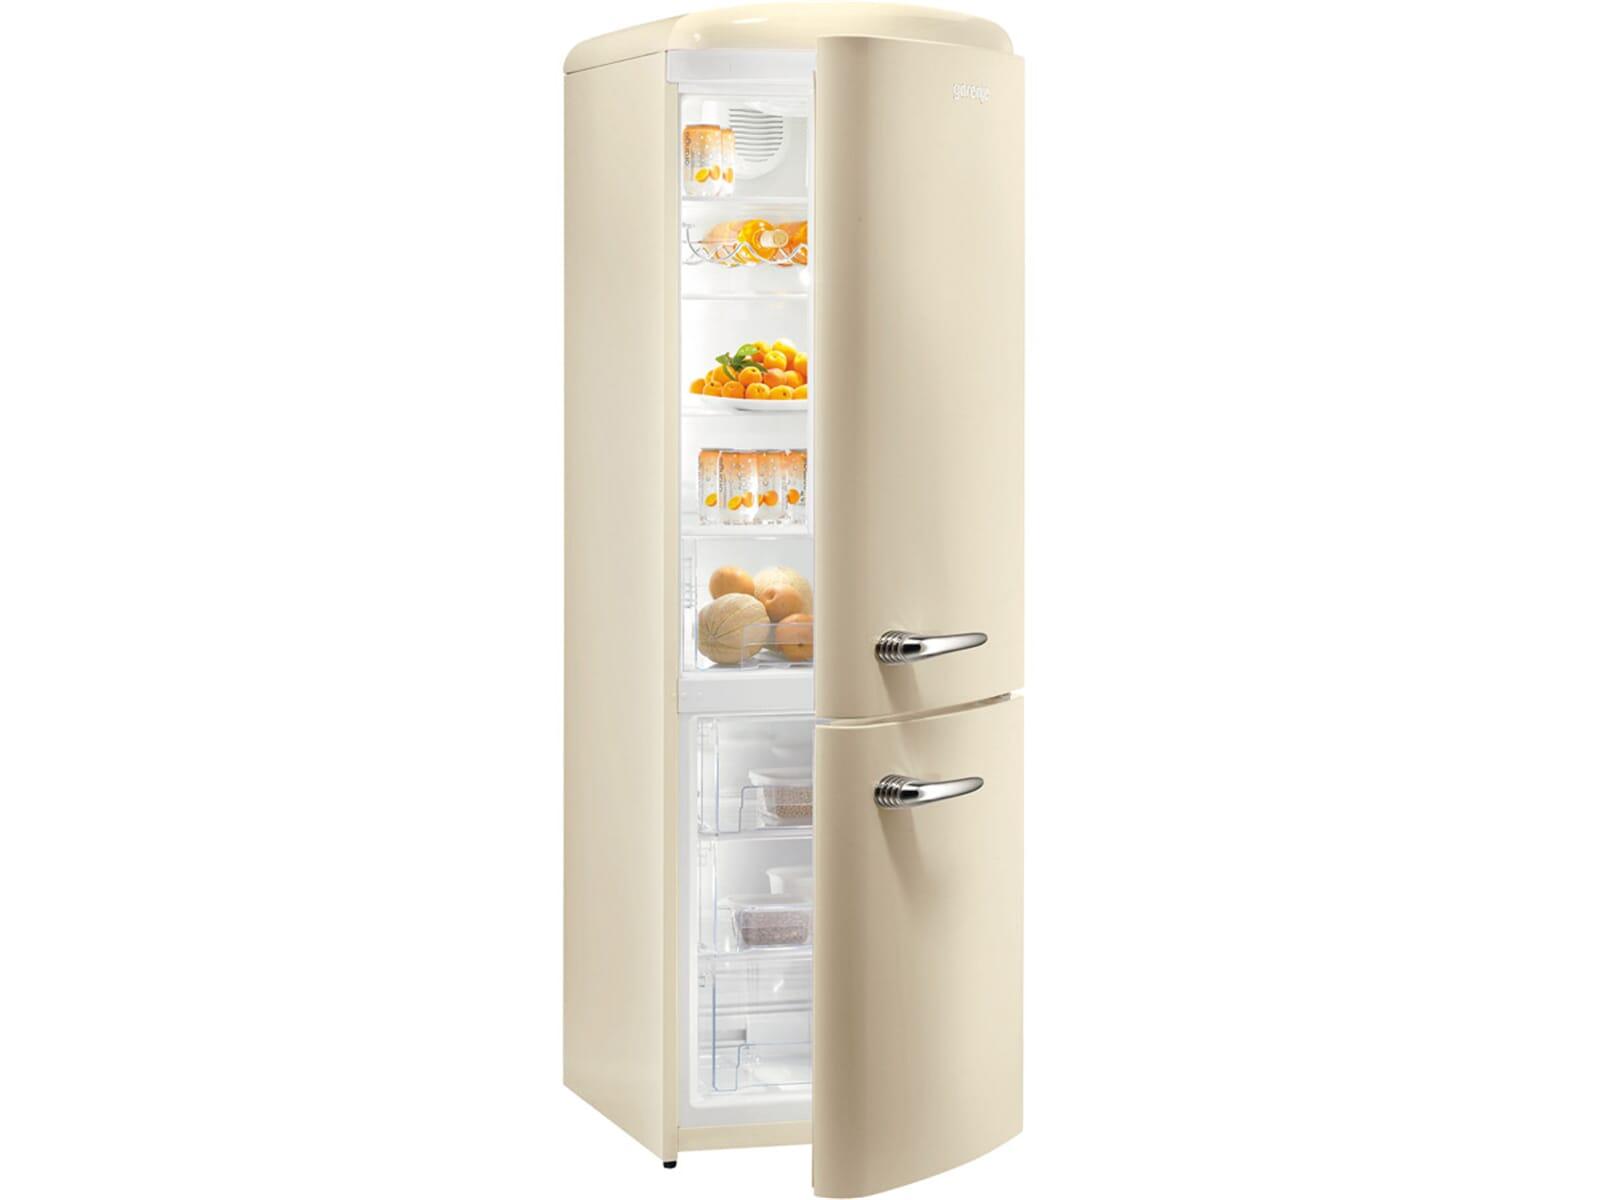 Gorenje Kühlschrank Rk 61620 X : Gorenje kühl gefrier gorenje rk obk k hl gefrier kombination